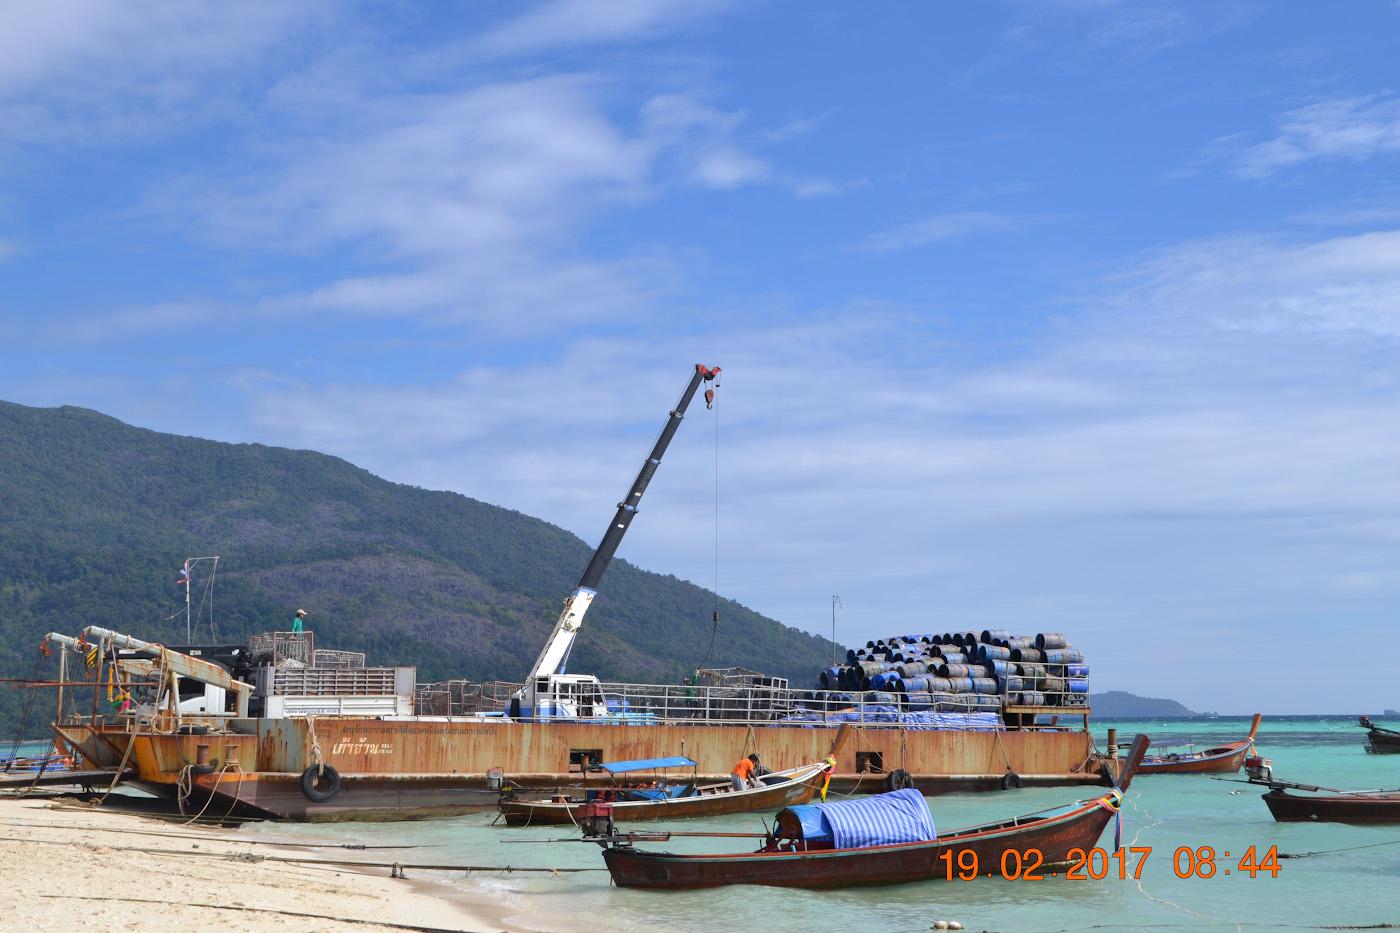 Фото 11. Баржа для вывоза мусора с острова Ко Ланата, расположенная на пляже Санрайз. 1/400, 10.0, 100, 55.